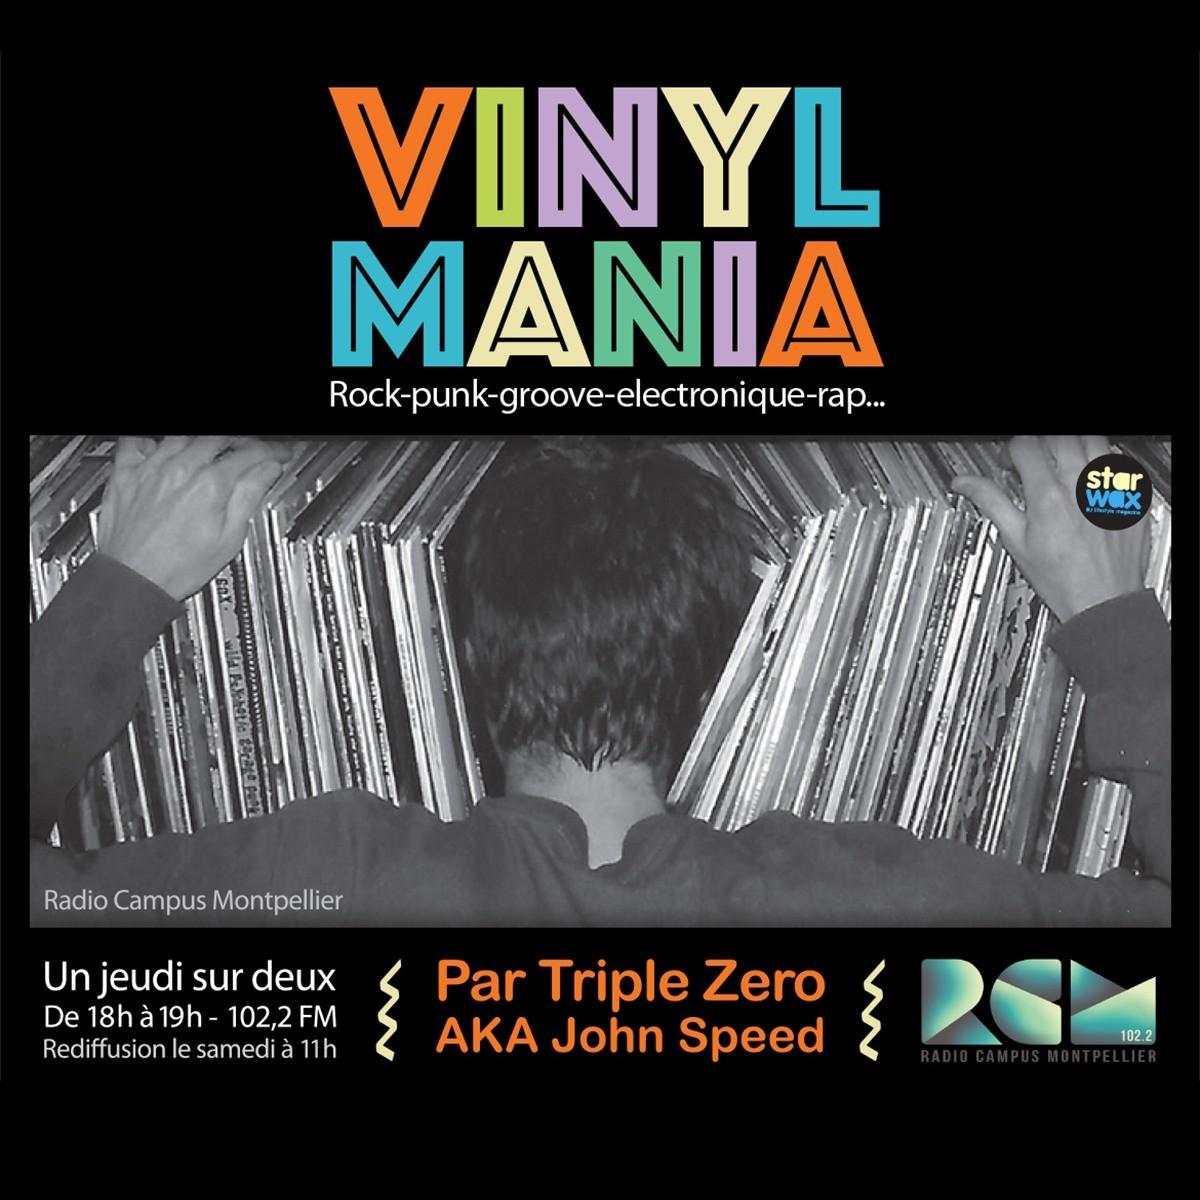 Logo de Vinyl Mania, une émission Radio Campus Montpellier